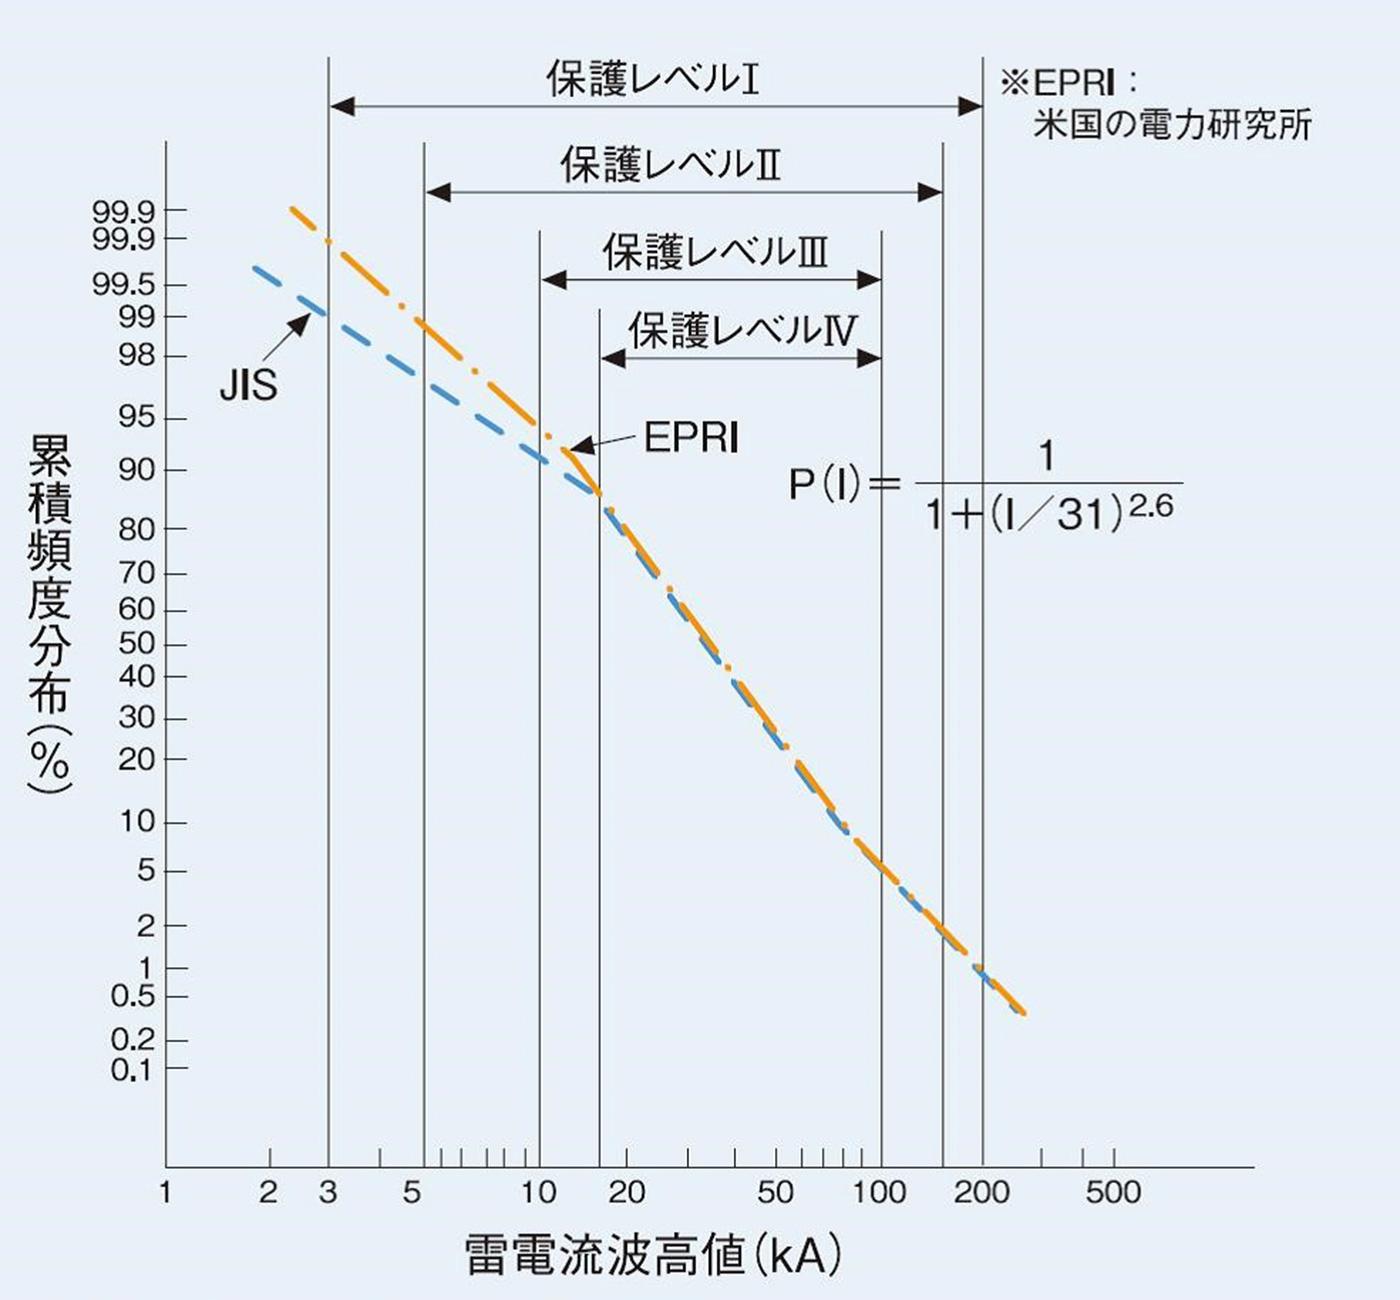 雷電流パラメータ限界値に対する落雷発生確率